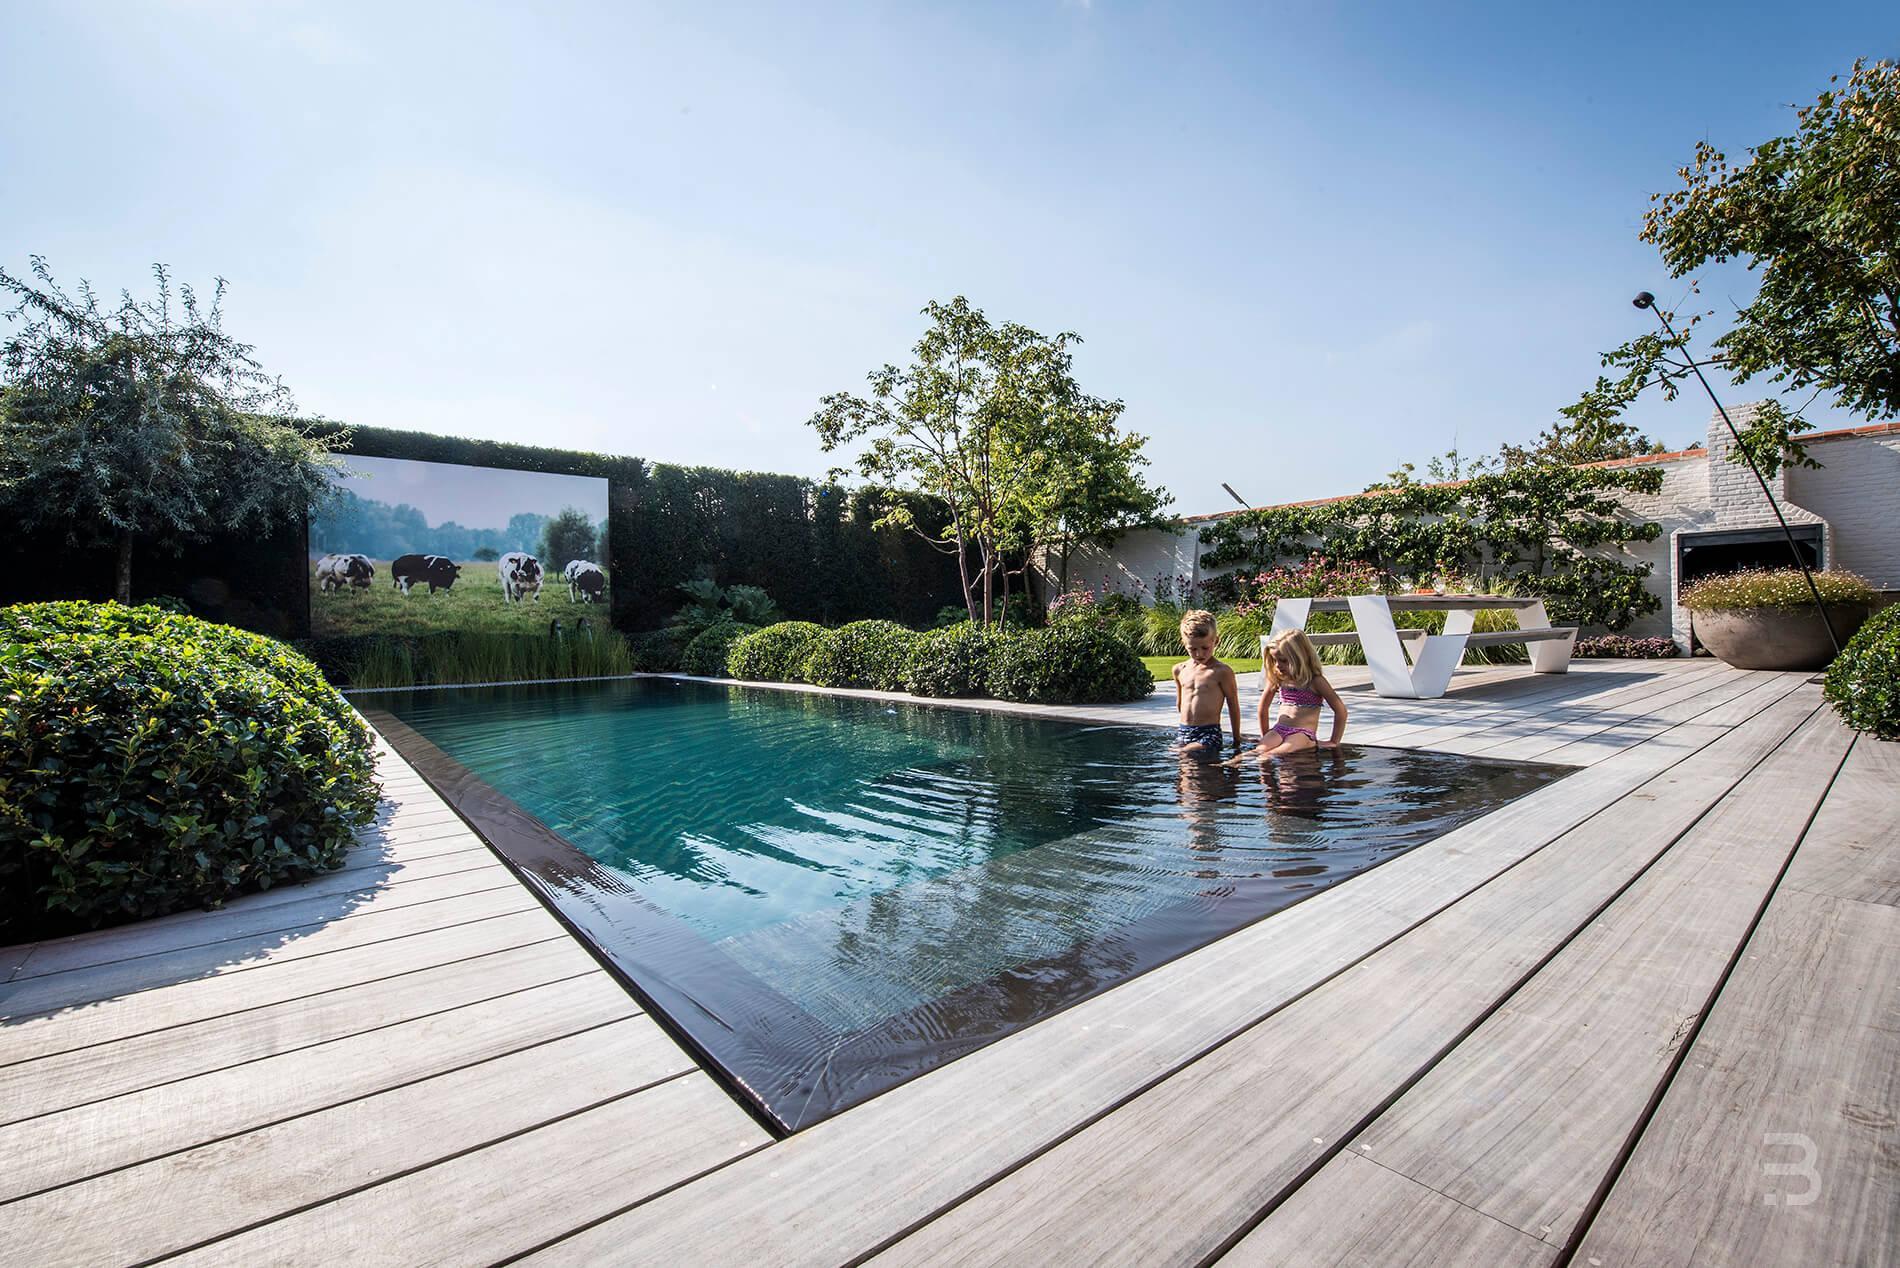 Afbeelding project Vlaamse landelijke stijl met moderne accenten doorgetrokken van woning naar tuin